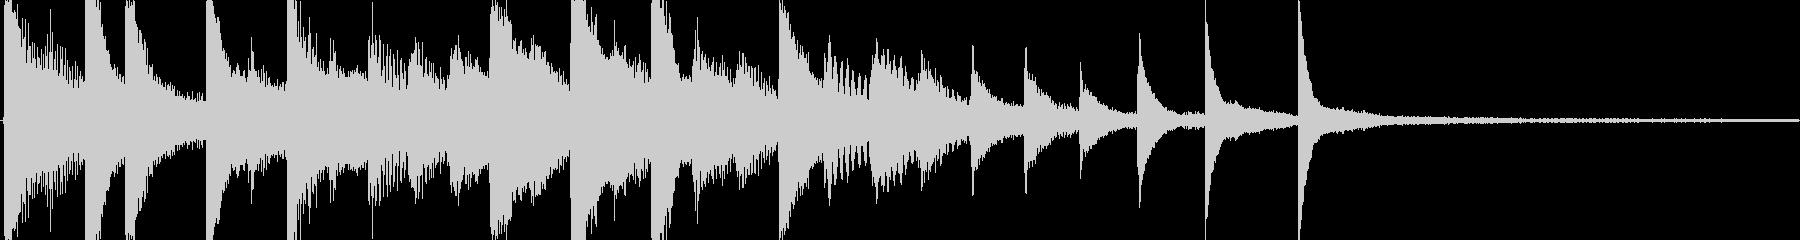 落ち着いたピアノソロでのゲームオーバー…の未再生の波形